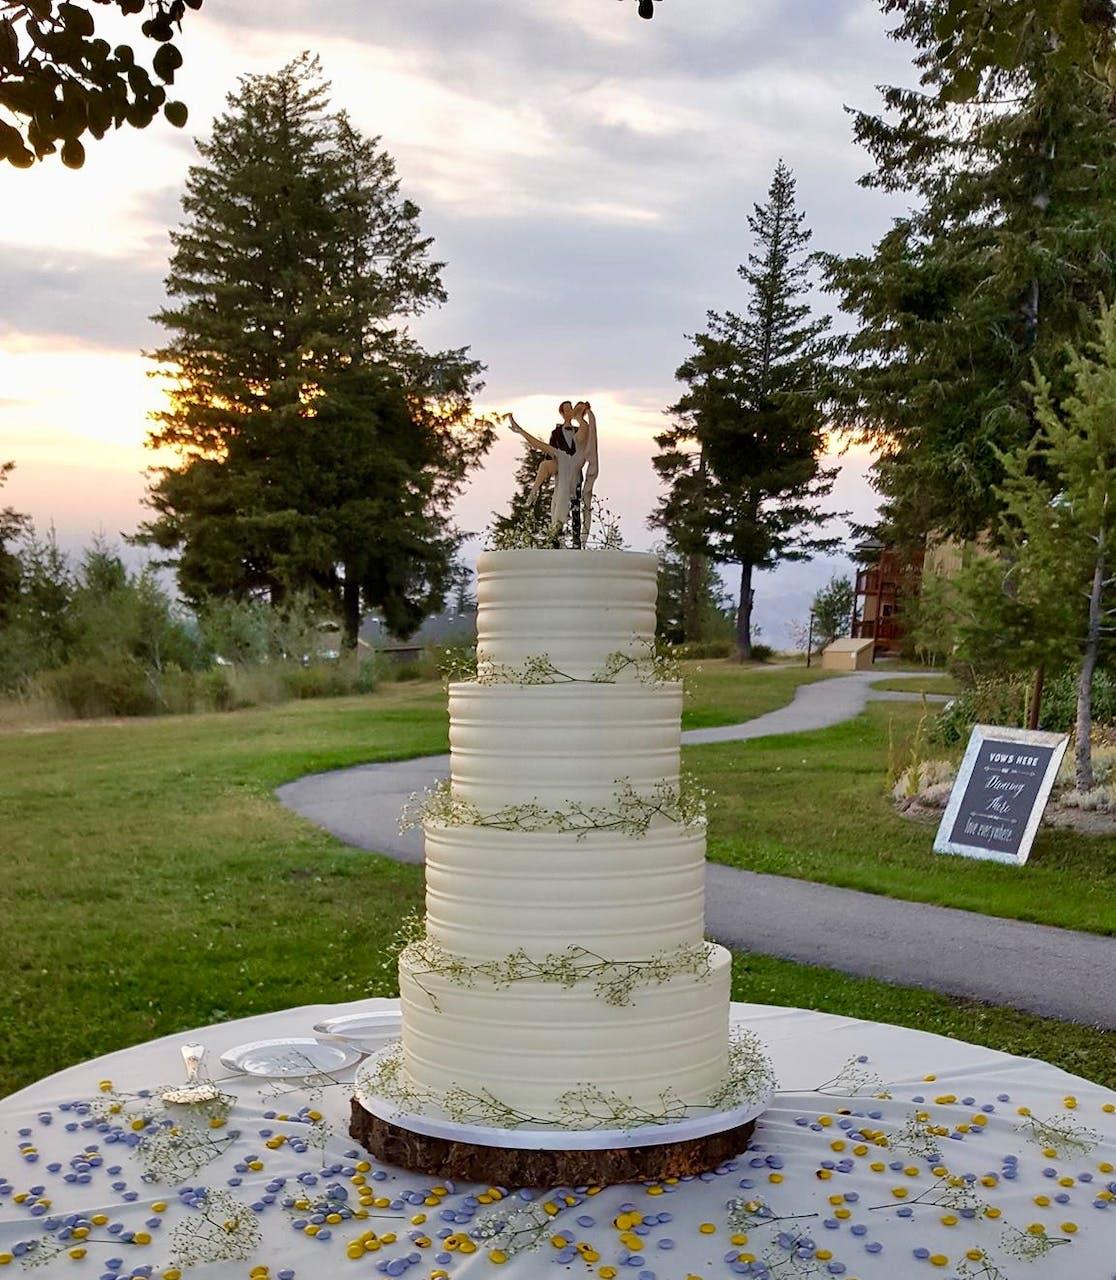 Wedding cake for a Bogus Basin wedding